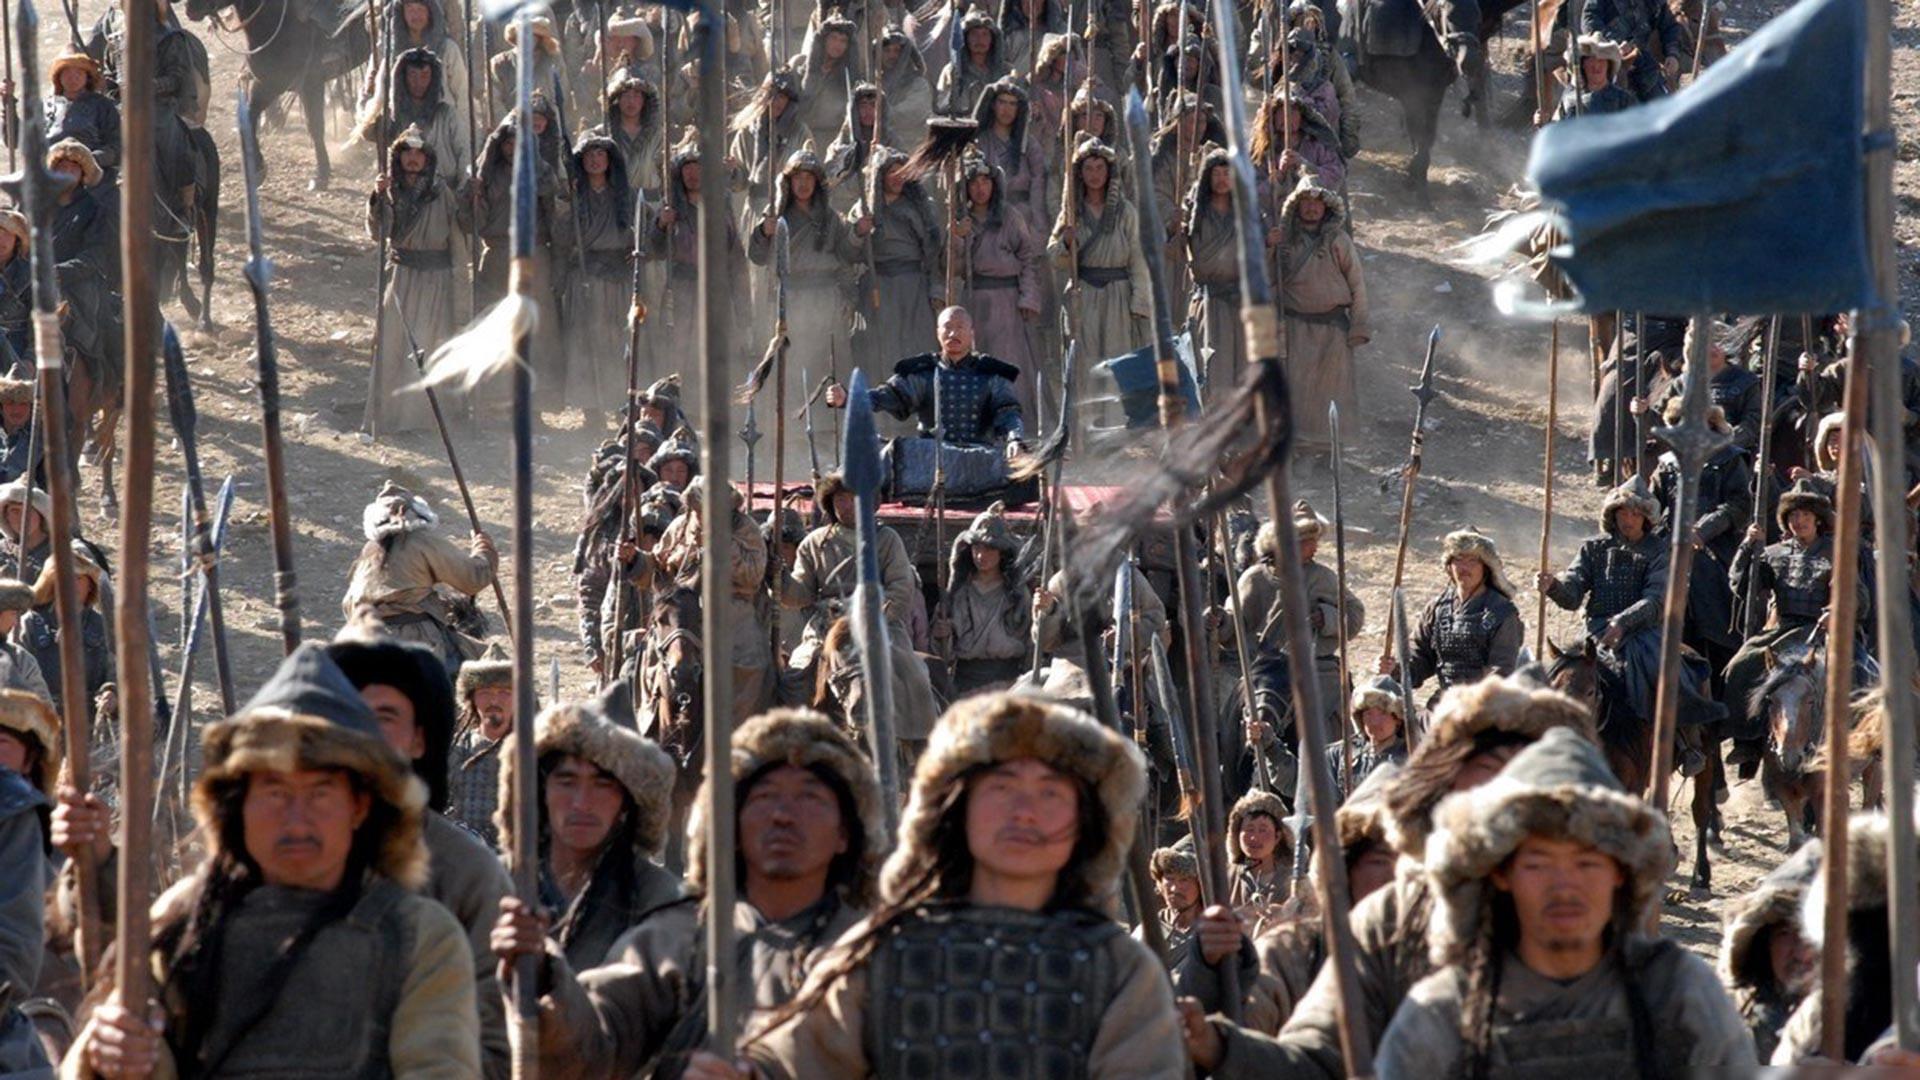 Seorang komandan perang Mongol ditandu oleh pasukannya — cuplikan film